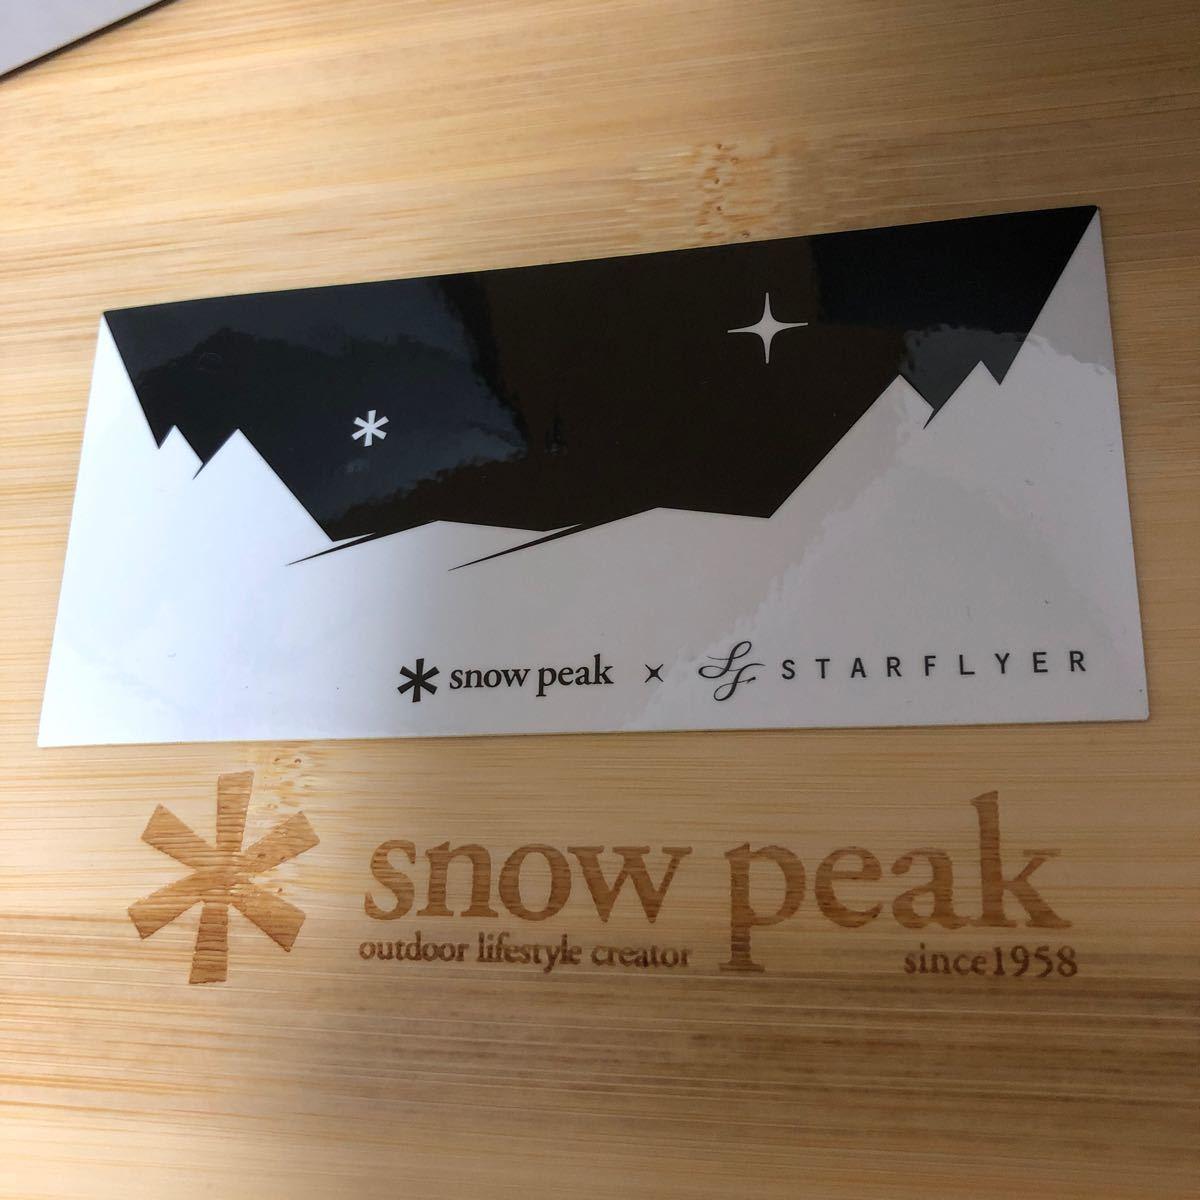 スノーピーク×スターフライヤー チタンダブルマグ snow peak